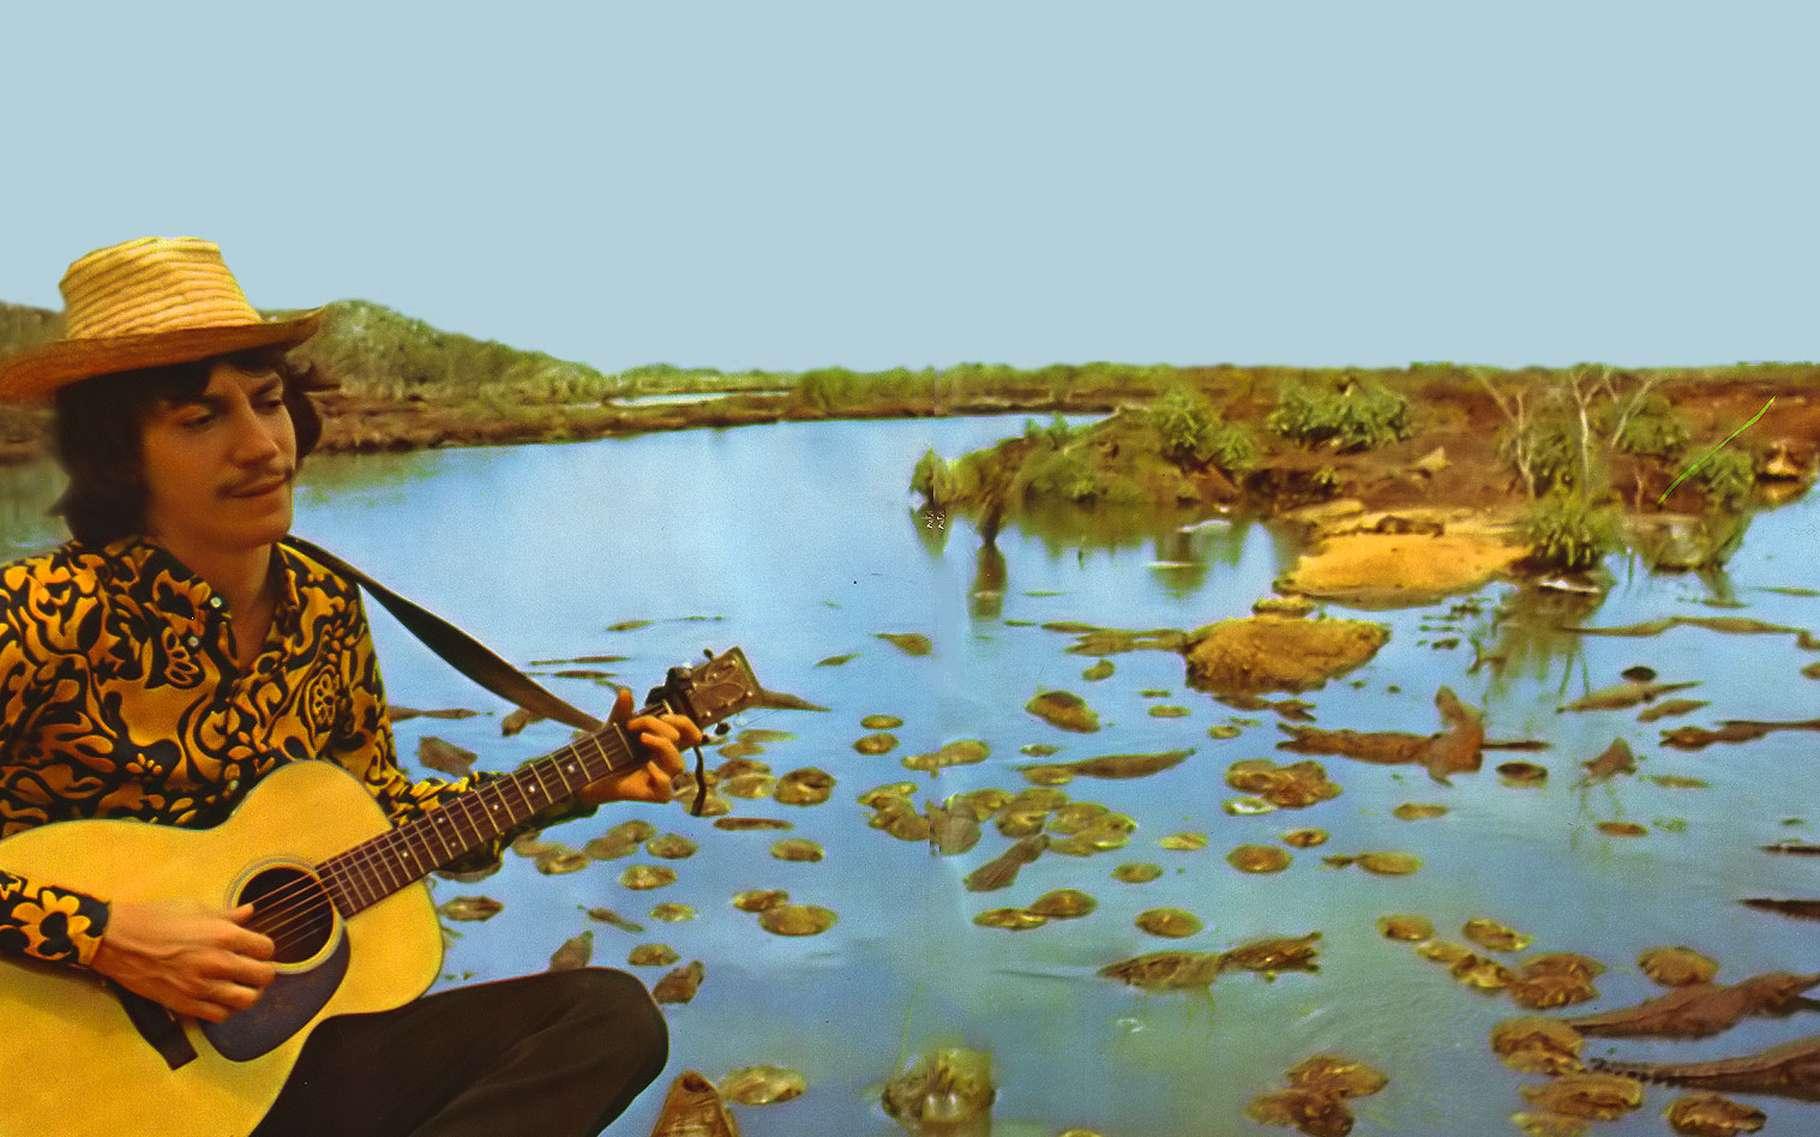 Mon dernier souvenir de voyage toujours à Guama, j'ai fait la connaissance des quelques-uns des quinze mille crocodiles qui peuplent les eaux du parc. © Antoine, DR